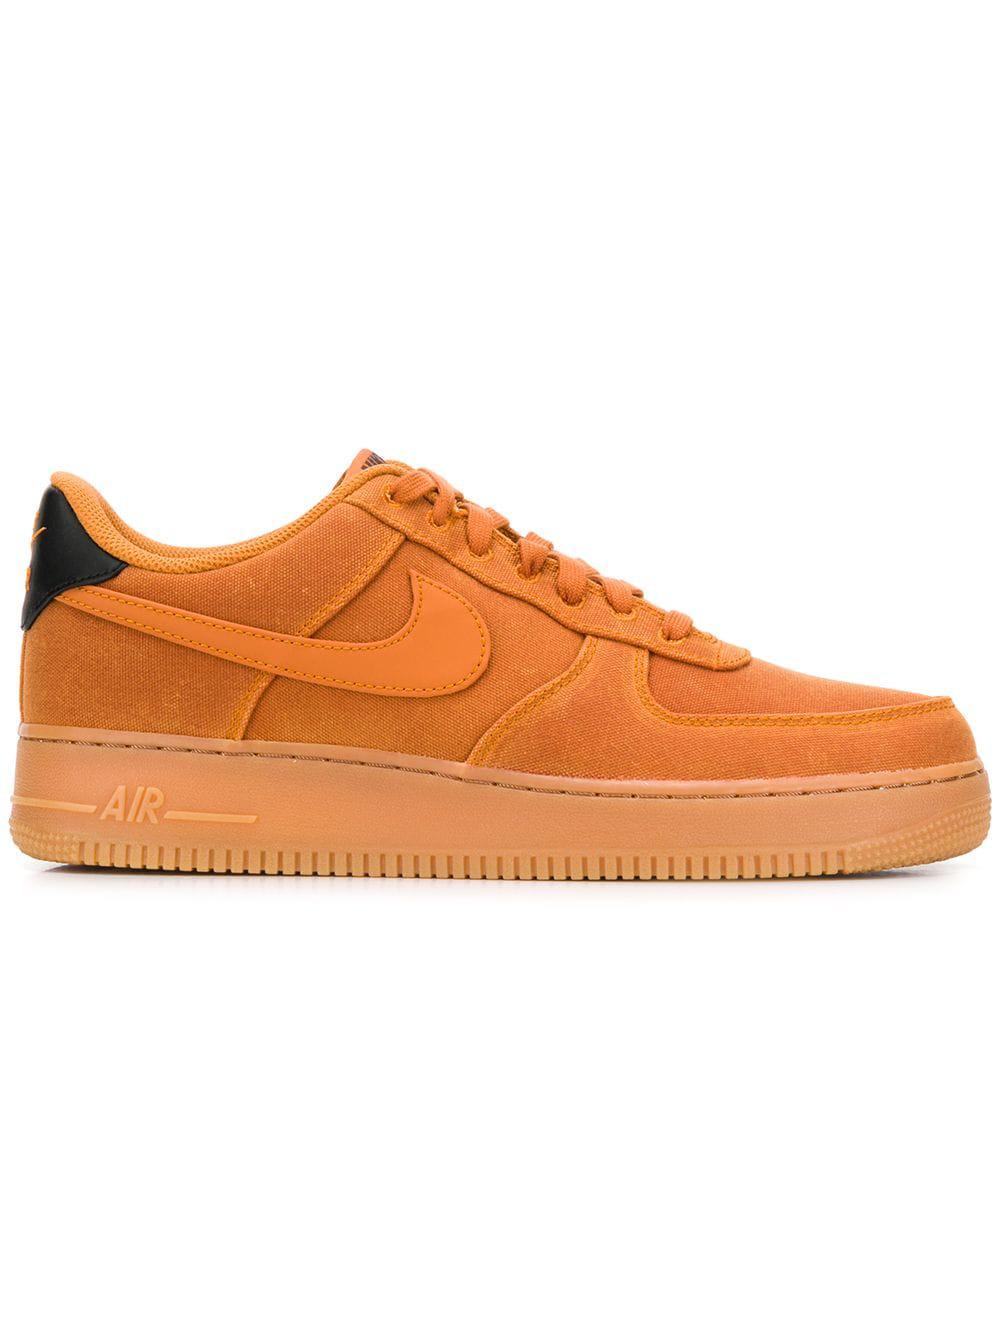 1312c9c9d9f Nike Air Force 1  07 Lv8 Suede Sneakers In Beige In Brown